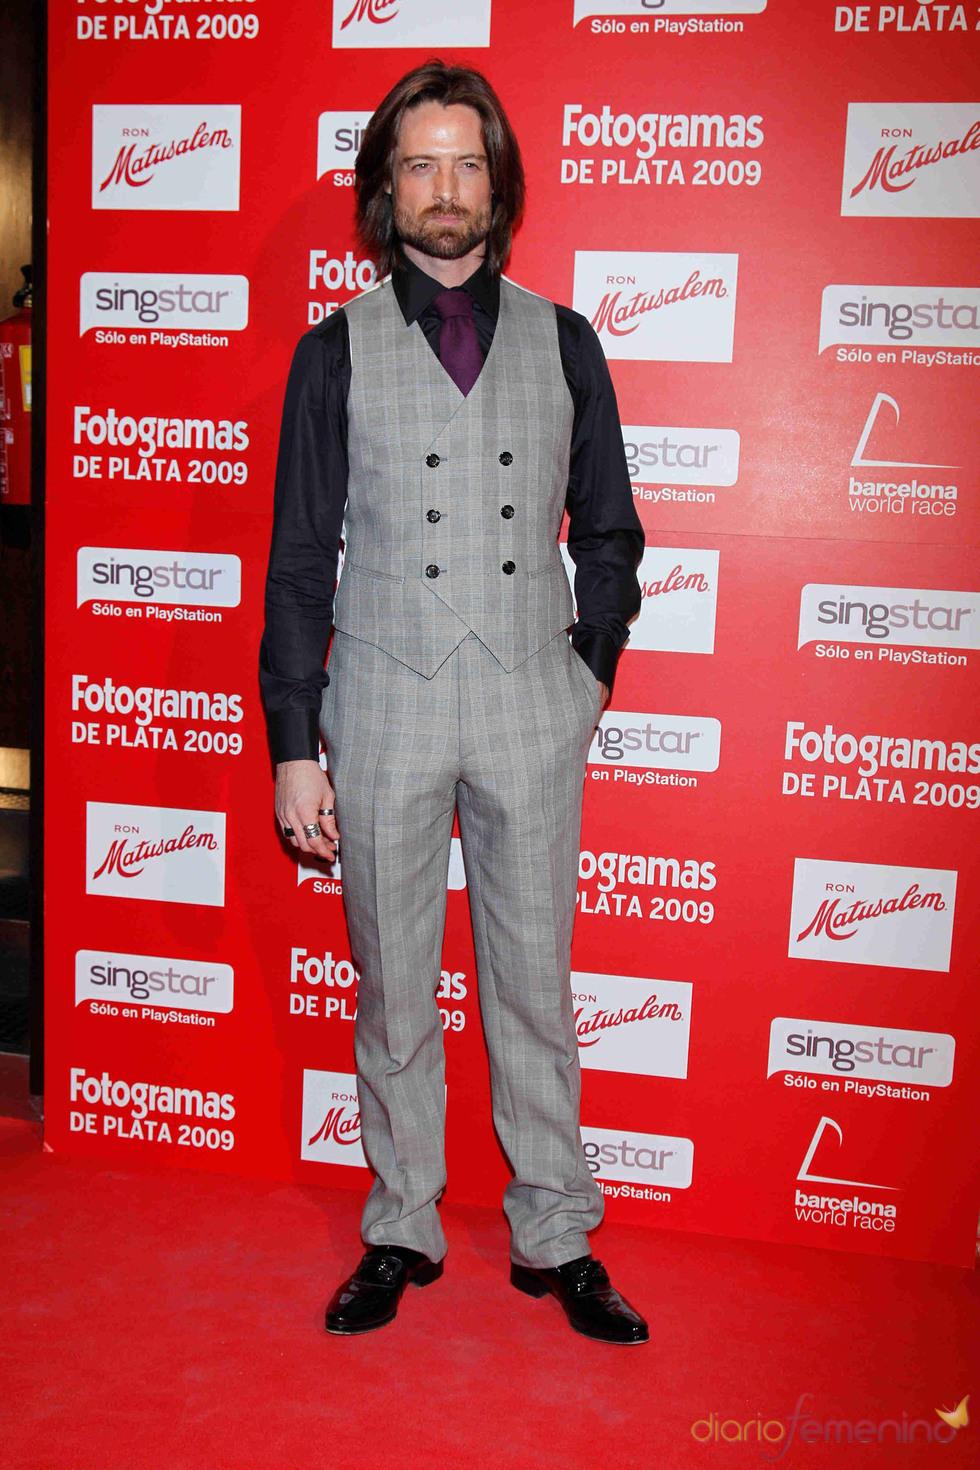 William Miller en los Fotogramas de Plata 2009